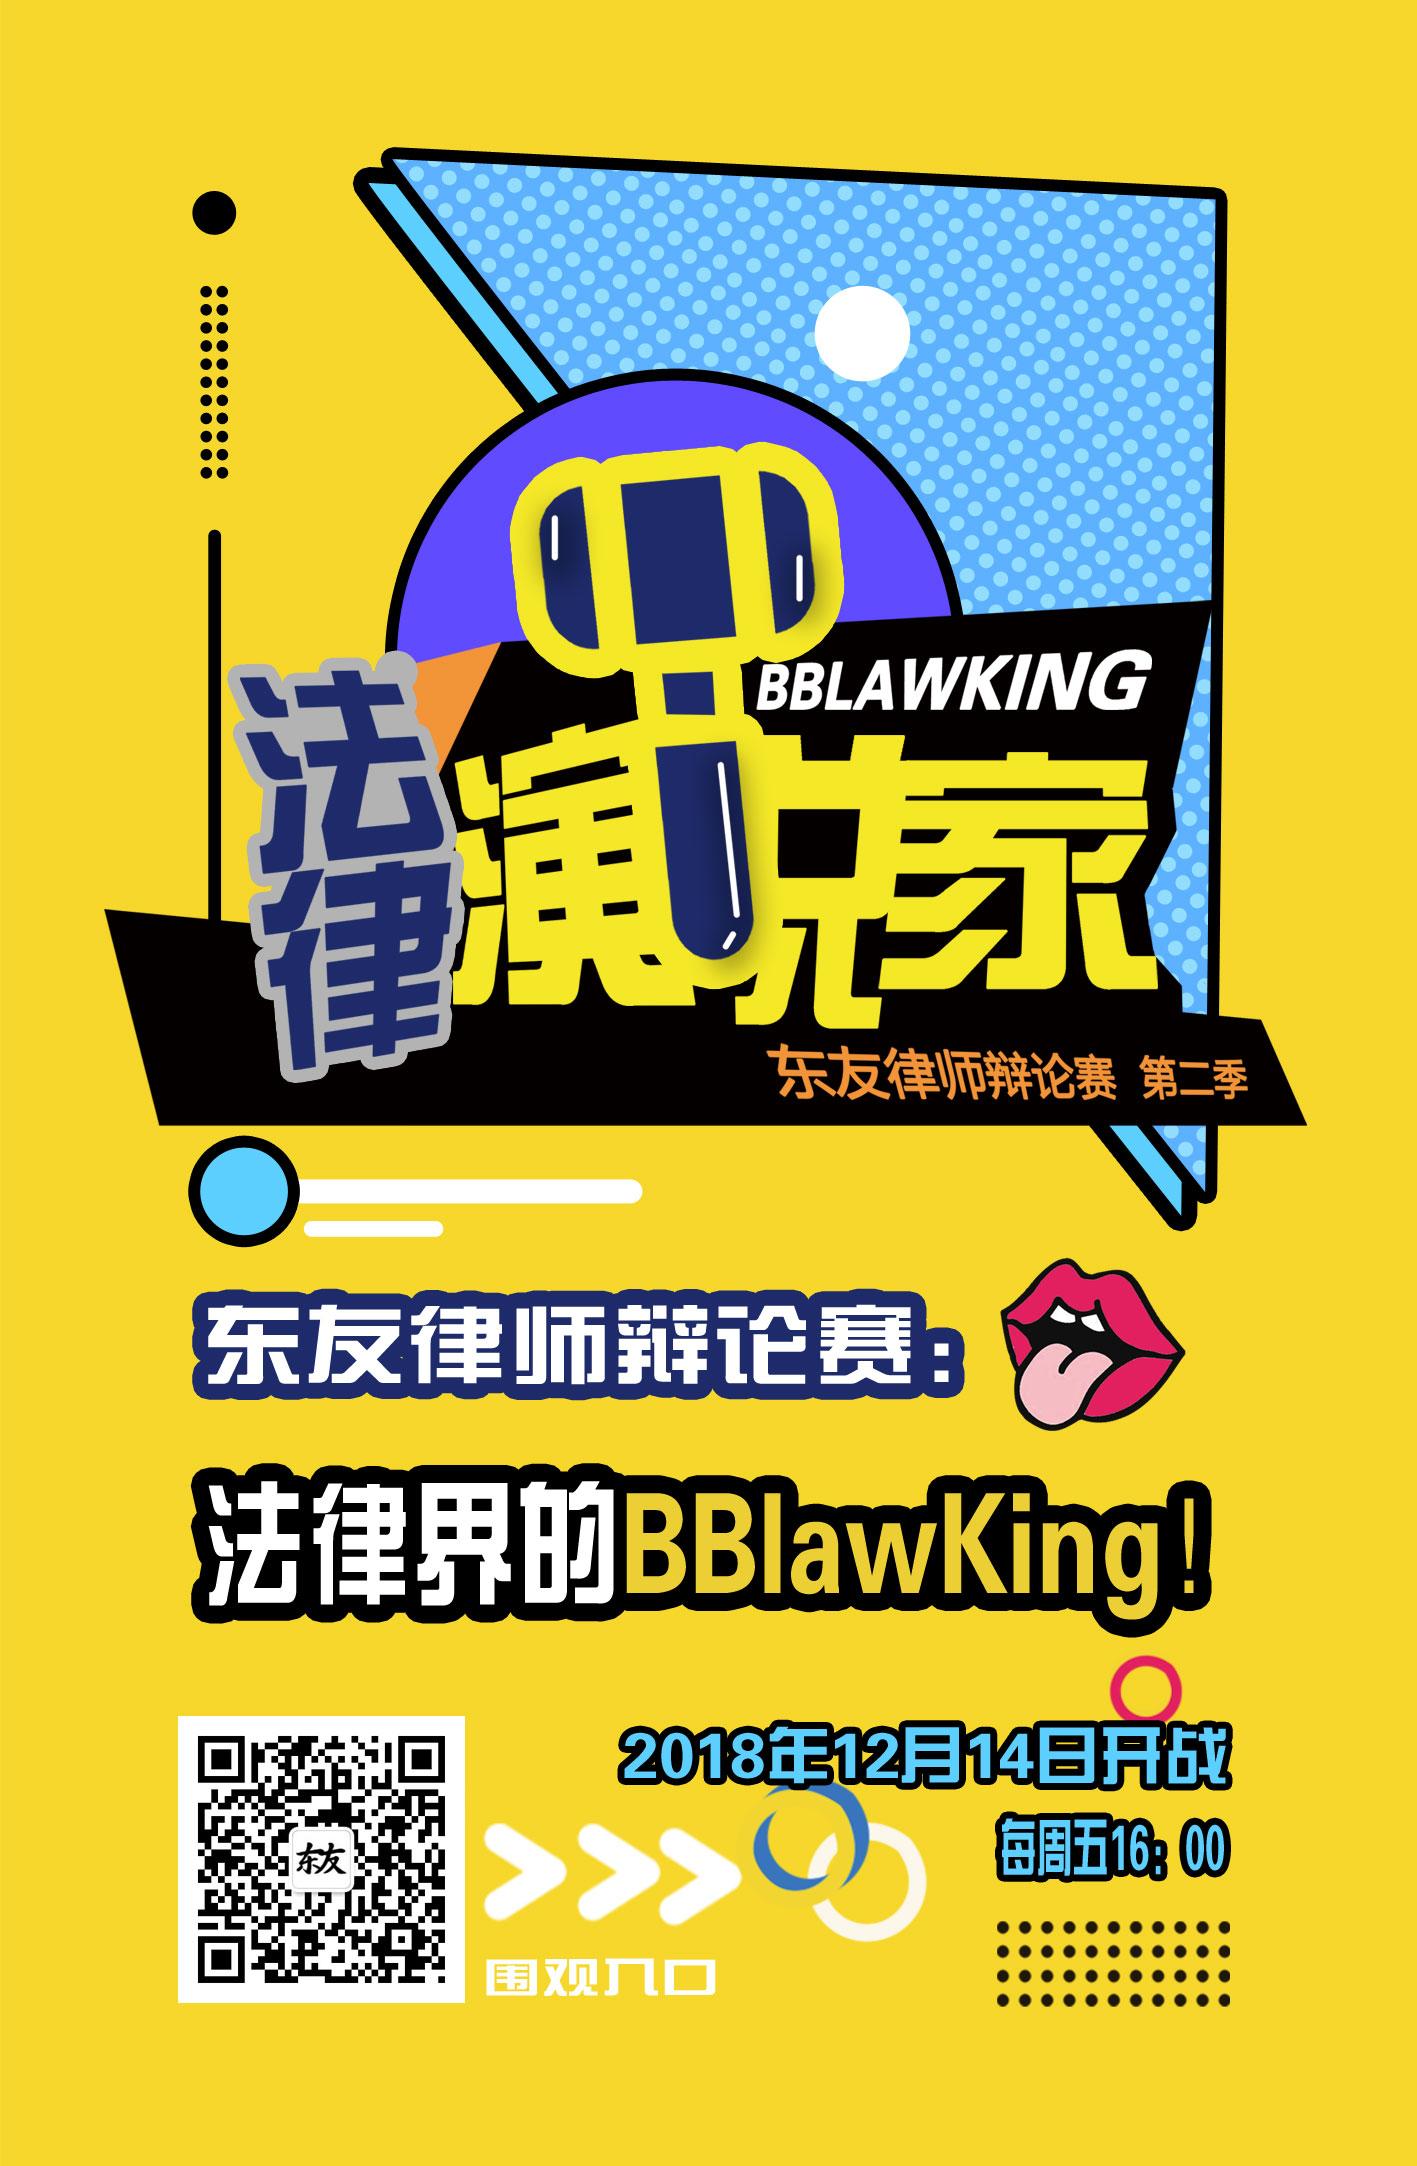 """2018年度北京市易胜博官方网站易胜博公司事务所第二季辩论赛之《法律演说家》,冠军将成为法律界的""""BBlawKing""""!"""